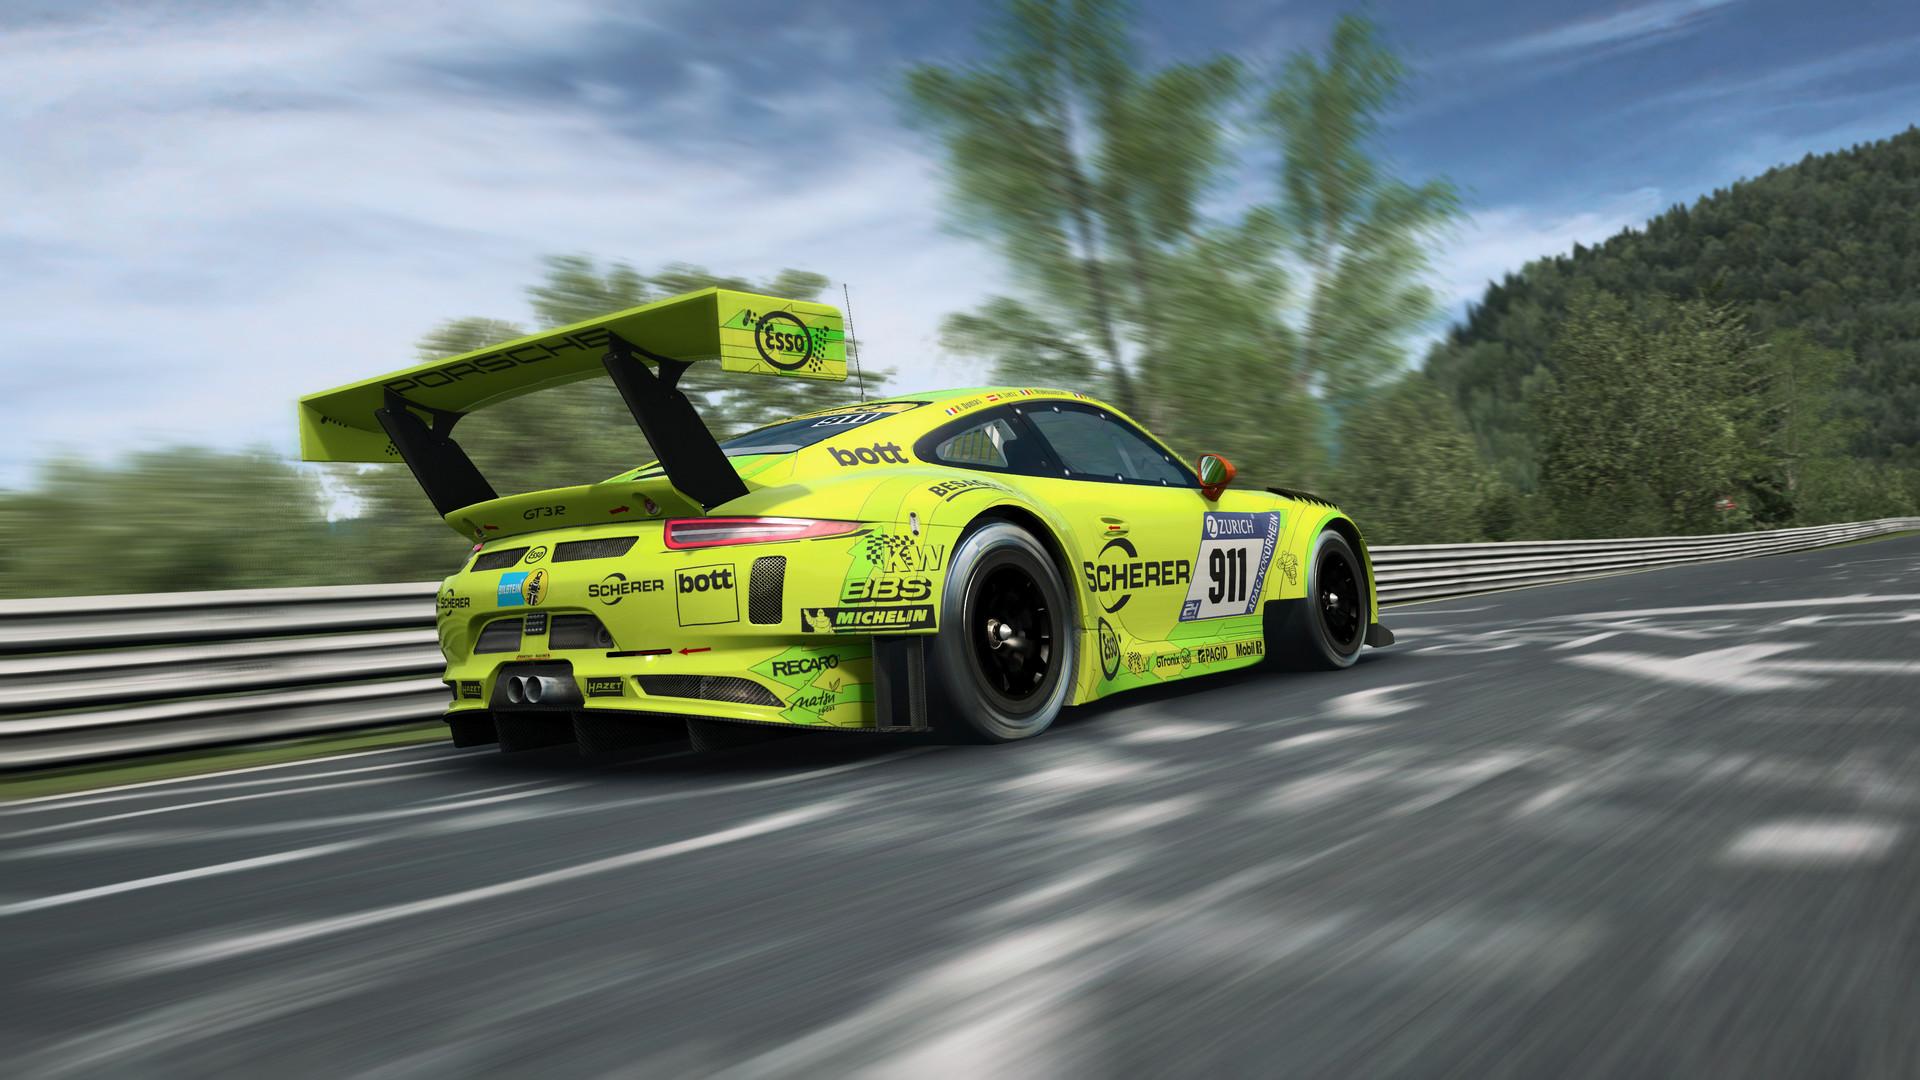 RaceRoom Racing Experience Fiyat Karşılaştırma